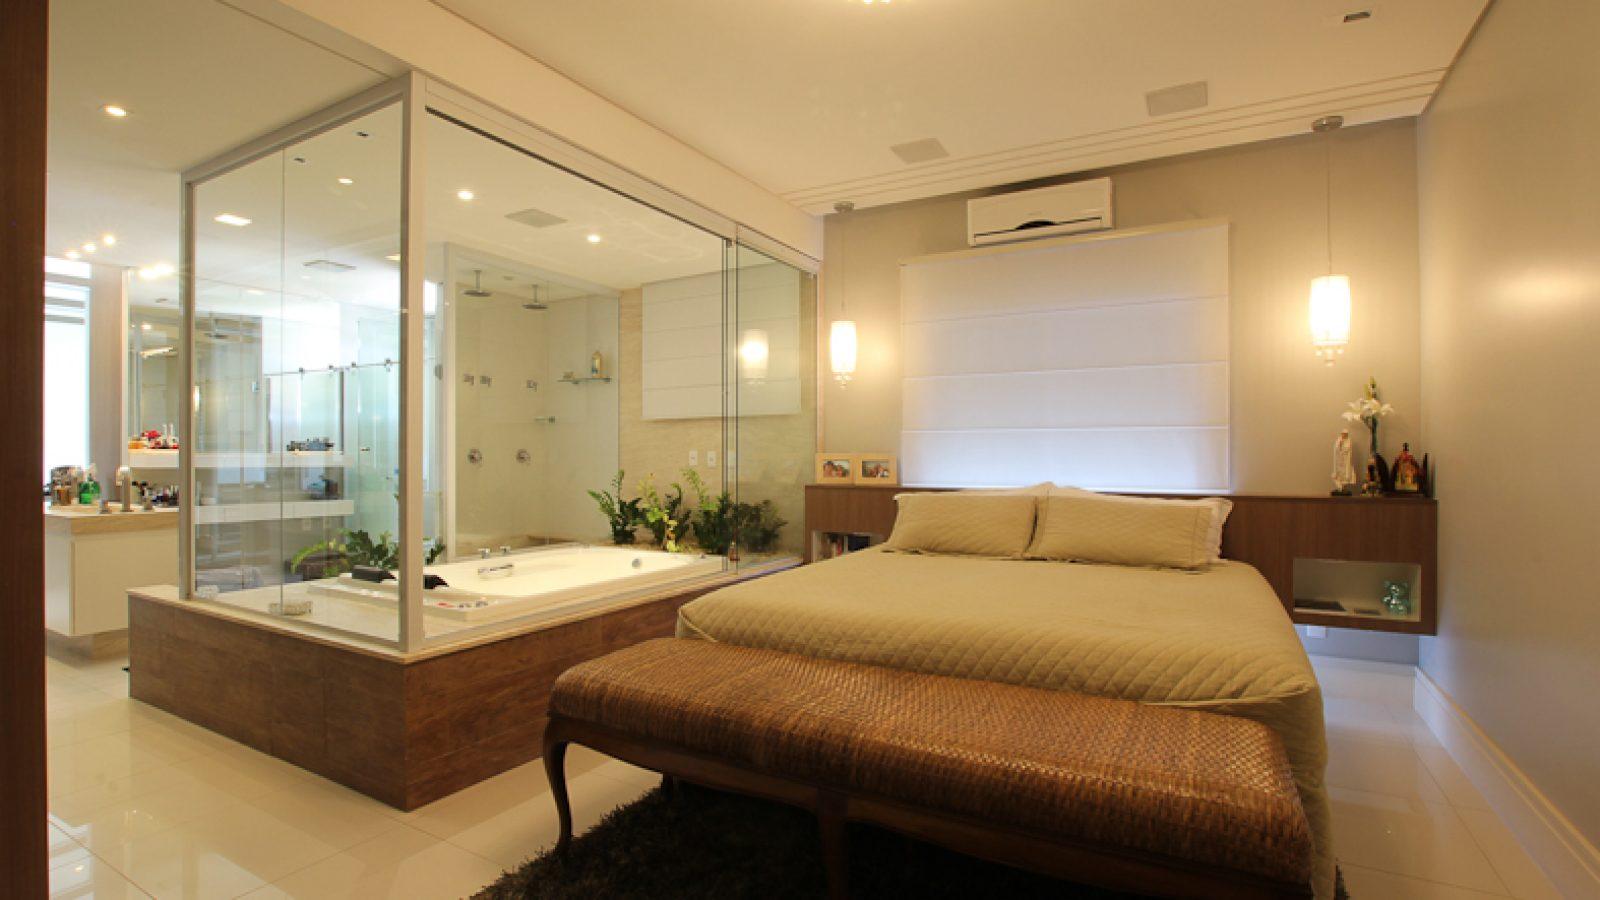 Quarto do casal, com cama de casal no centro e banheira ao lado da cama, com proteção em vidro.